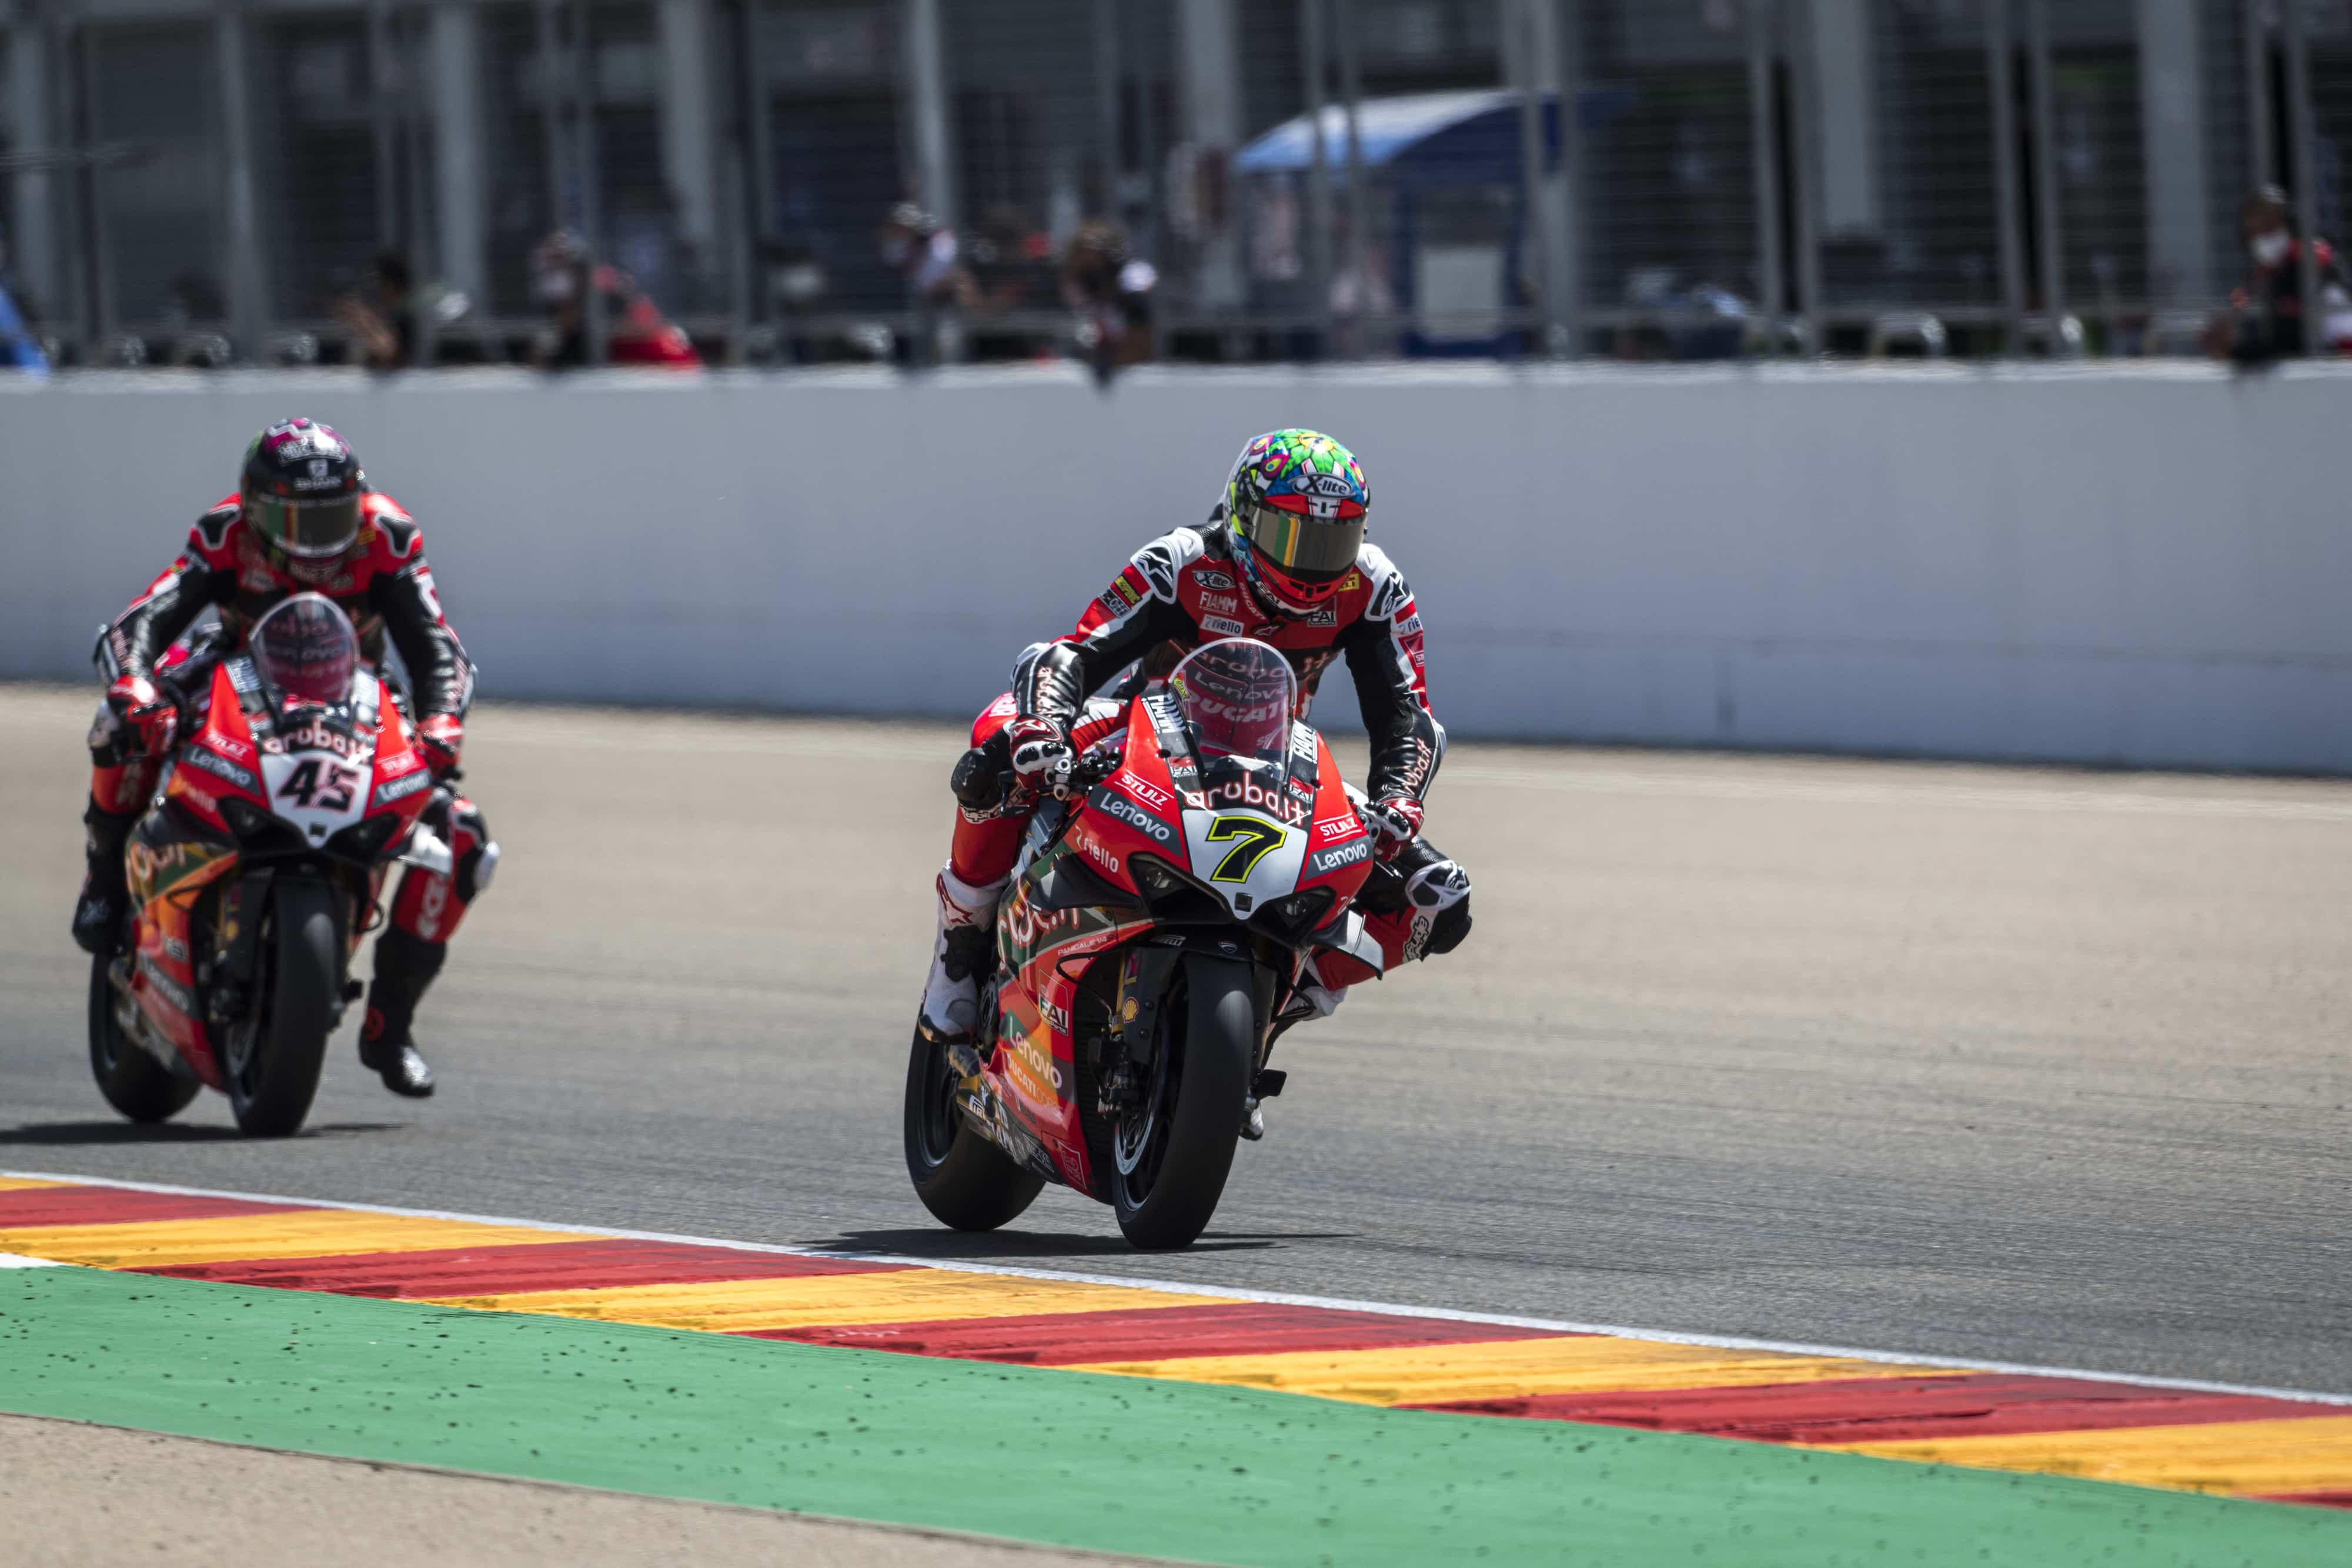 スーパーバイク世界選手権(SBK)テルエル戦 チャズ・デイビス「これからの3戦で優勝争いをしたい」